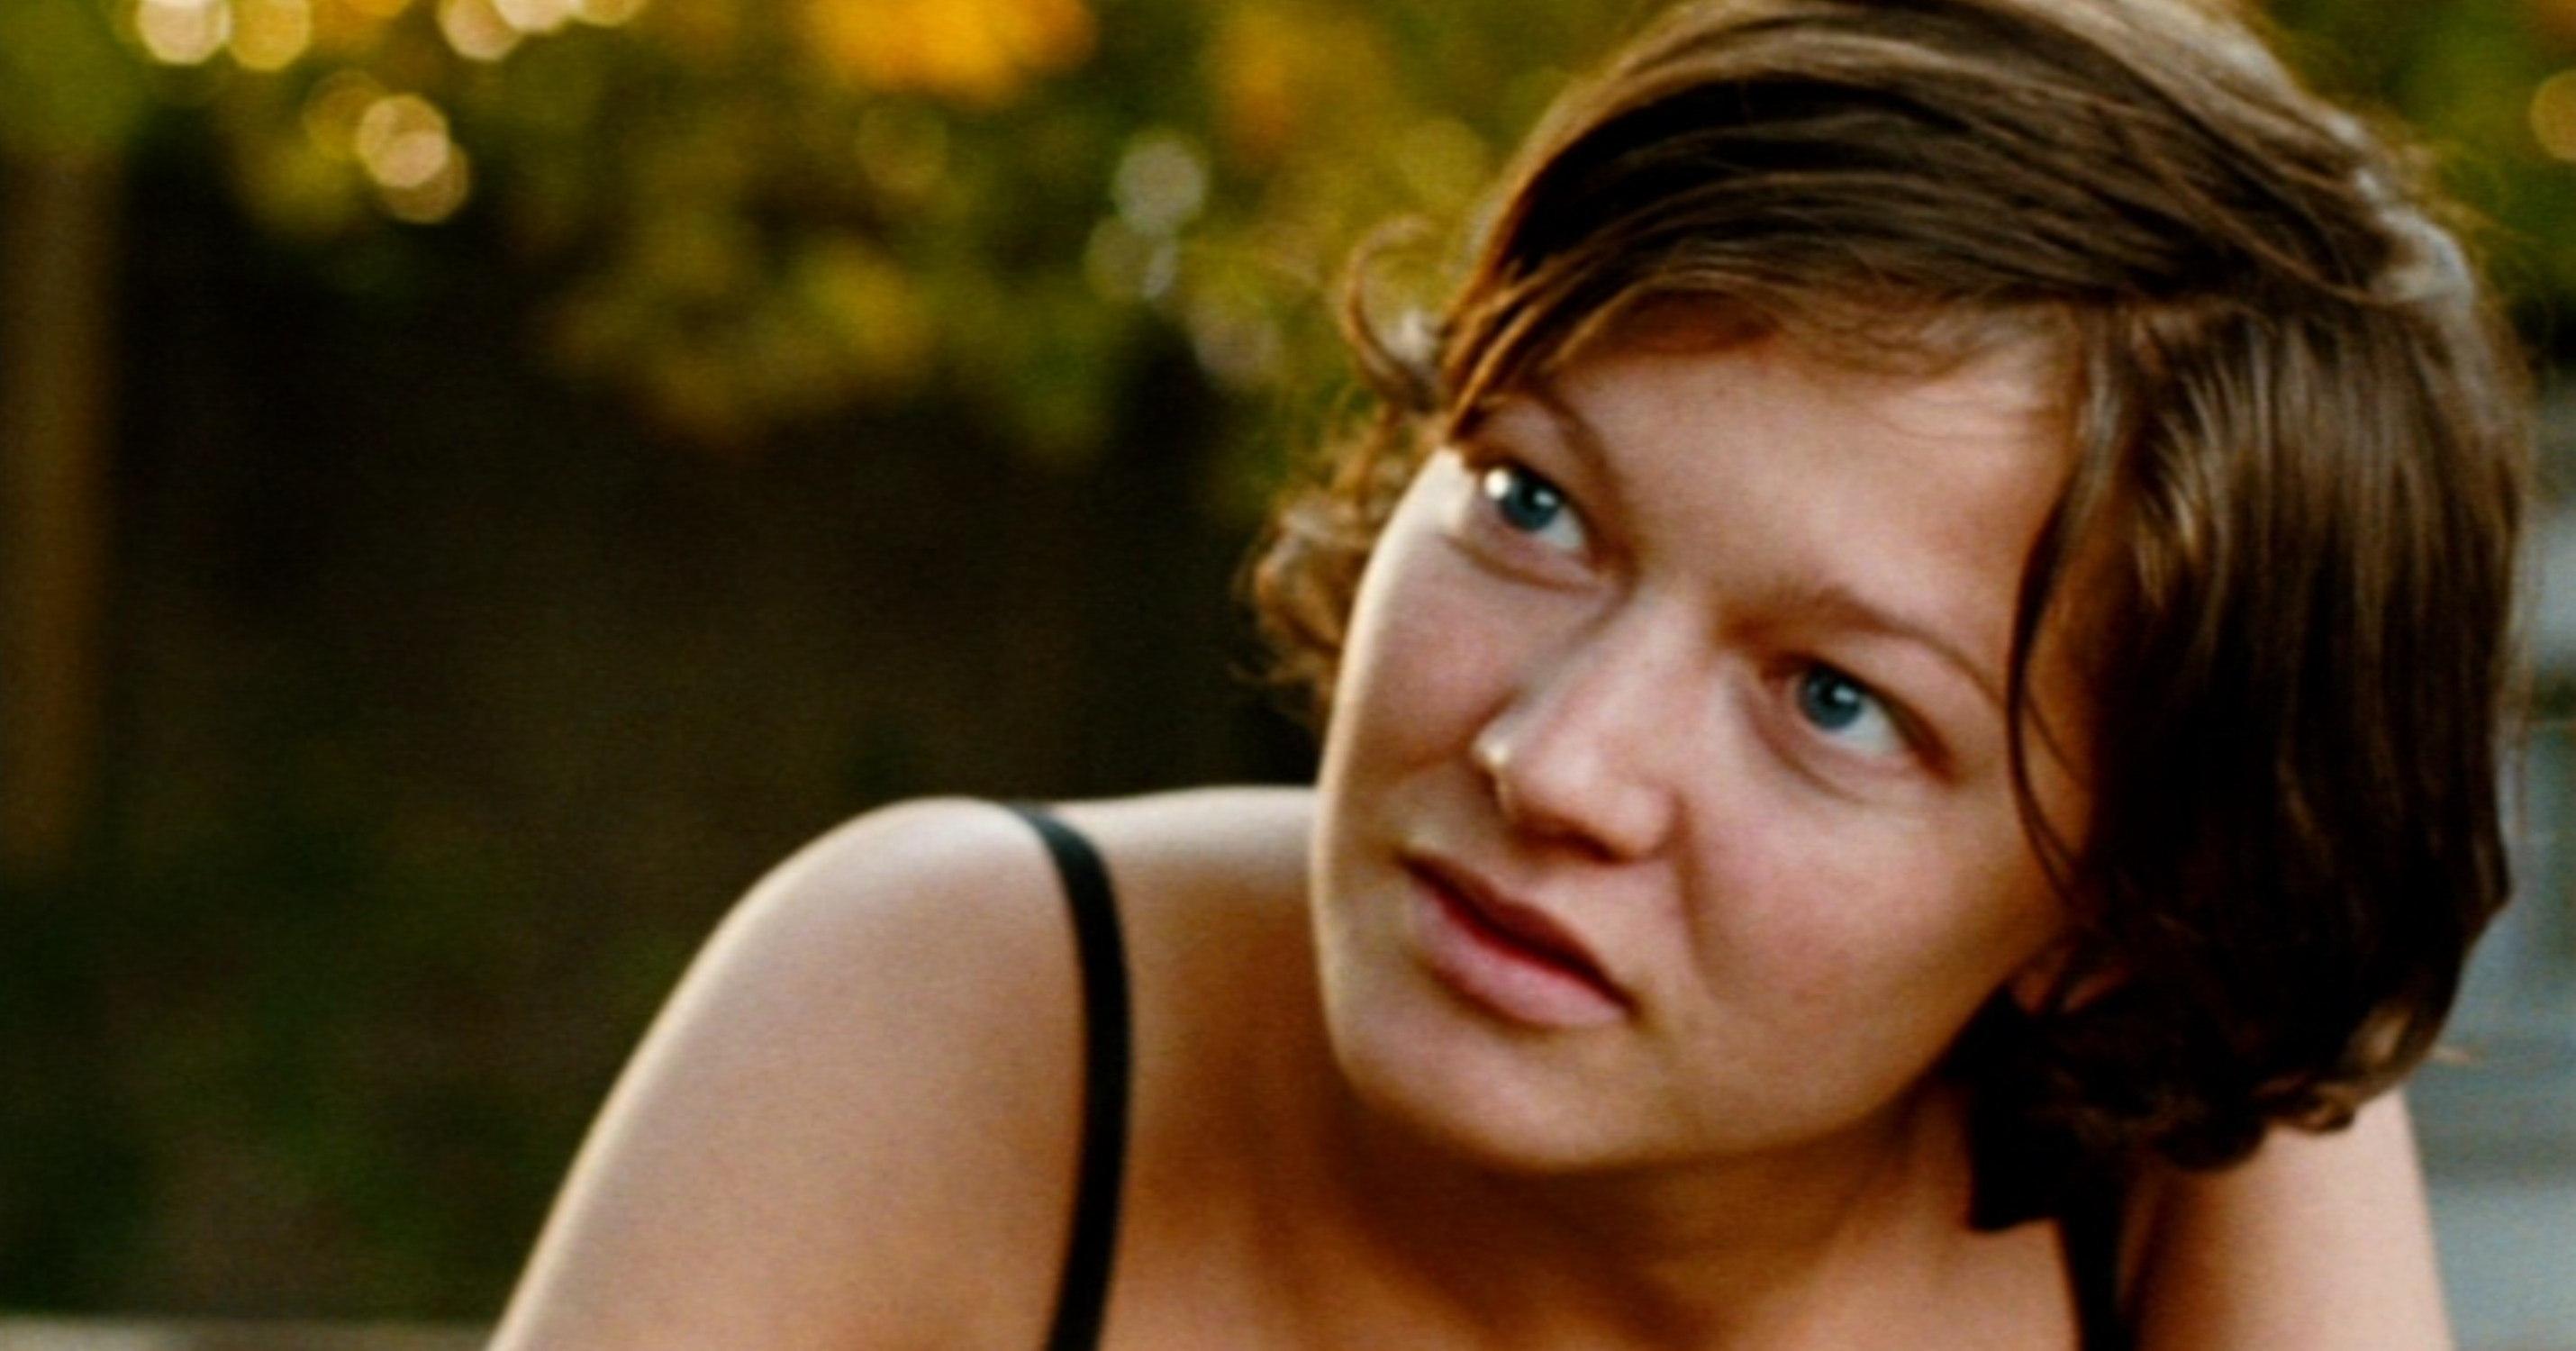 Vier Minuten - Four Minutes - Jenny, gespielt von Hannah Herzsprung - Regie: Chris Kraus - Kamera Judith Kaufmann